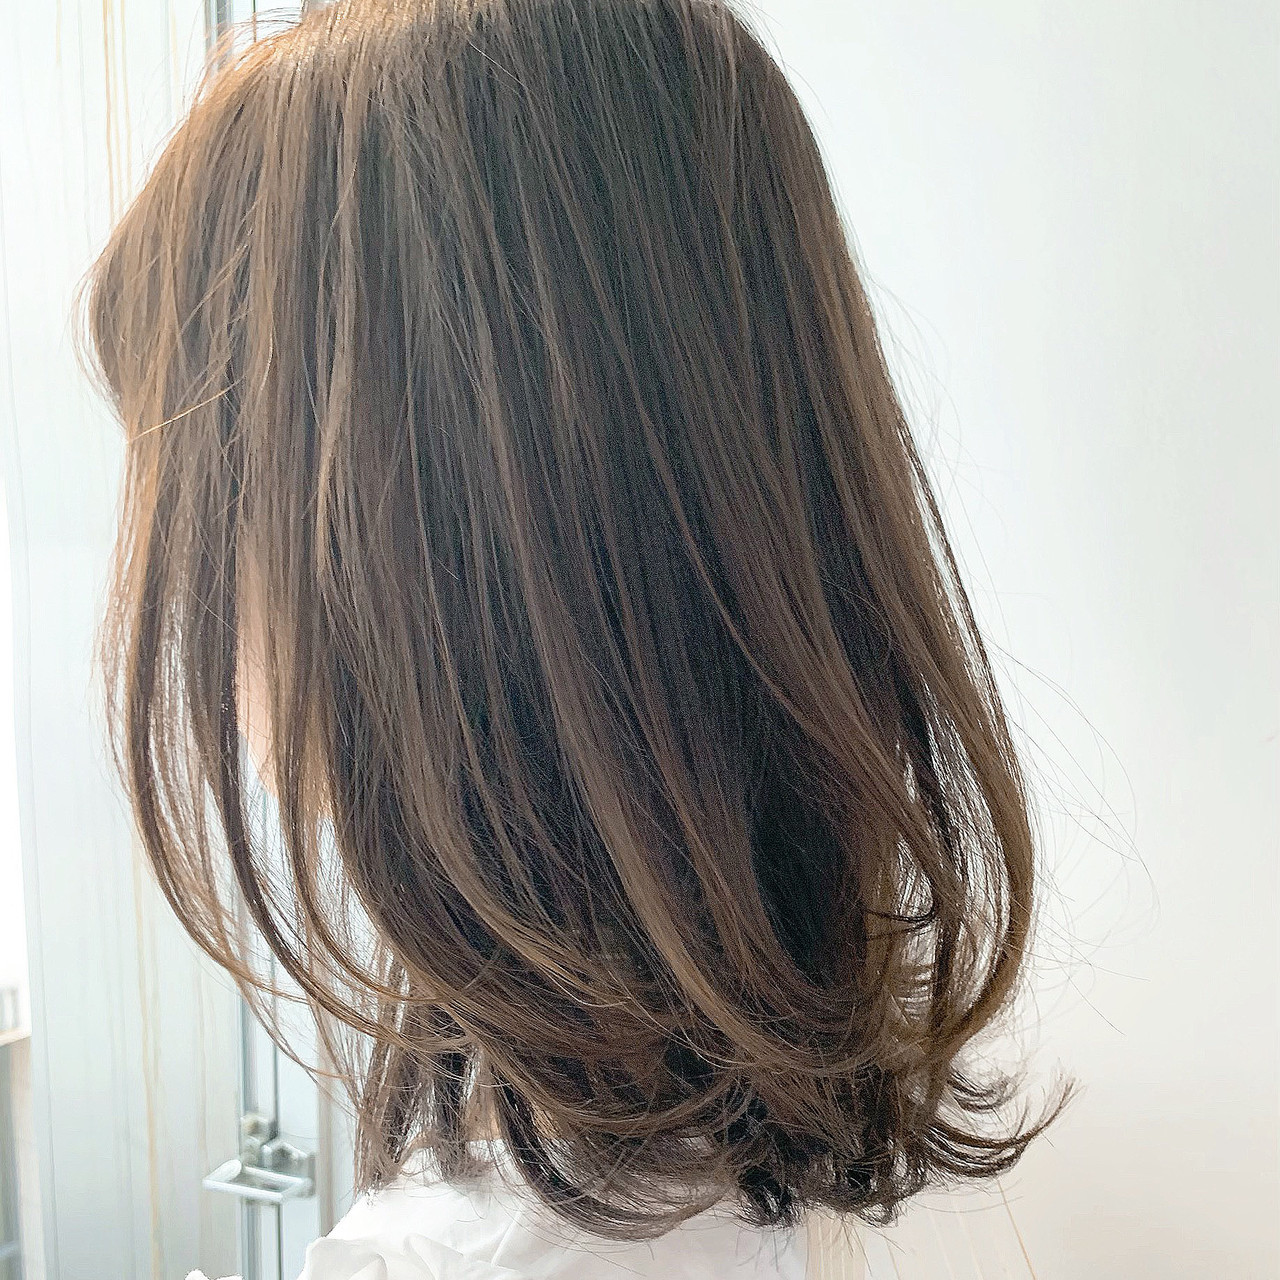 レイヤーカット ロブ ナチュラル ミディアム ヘアスタイルや髪型の写真・画像